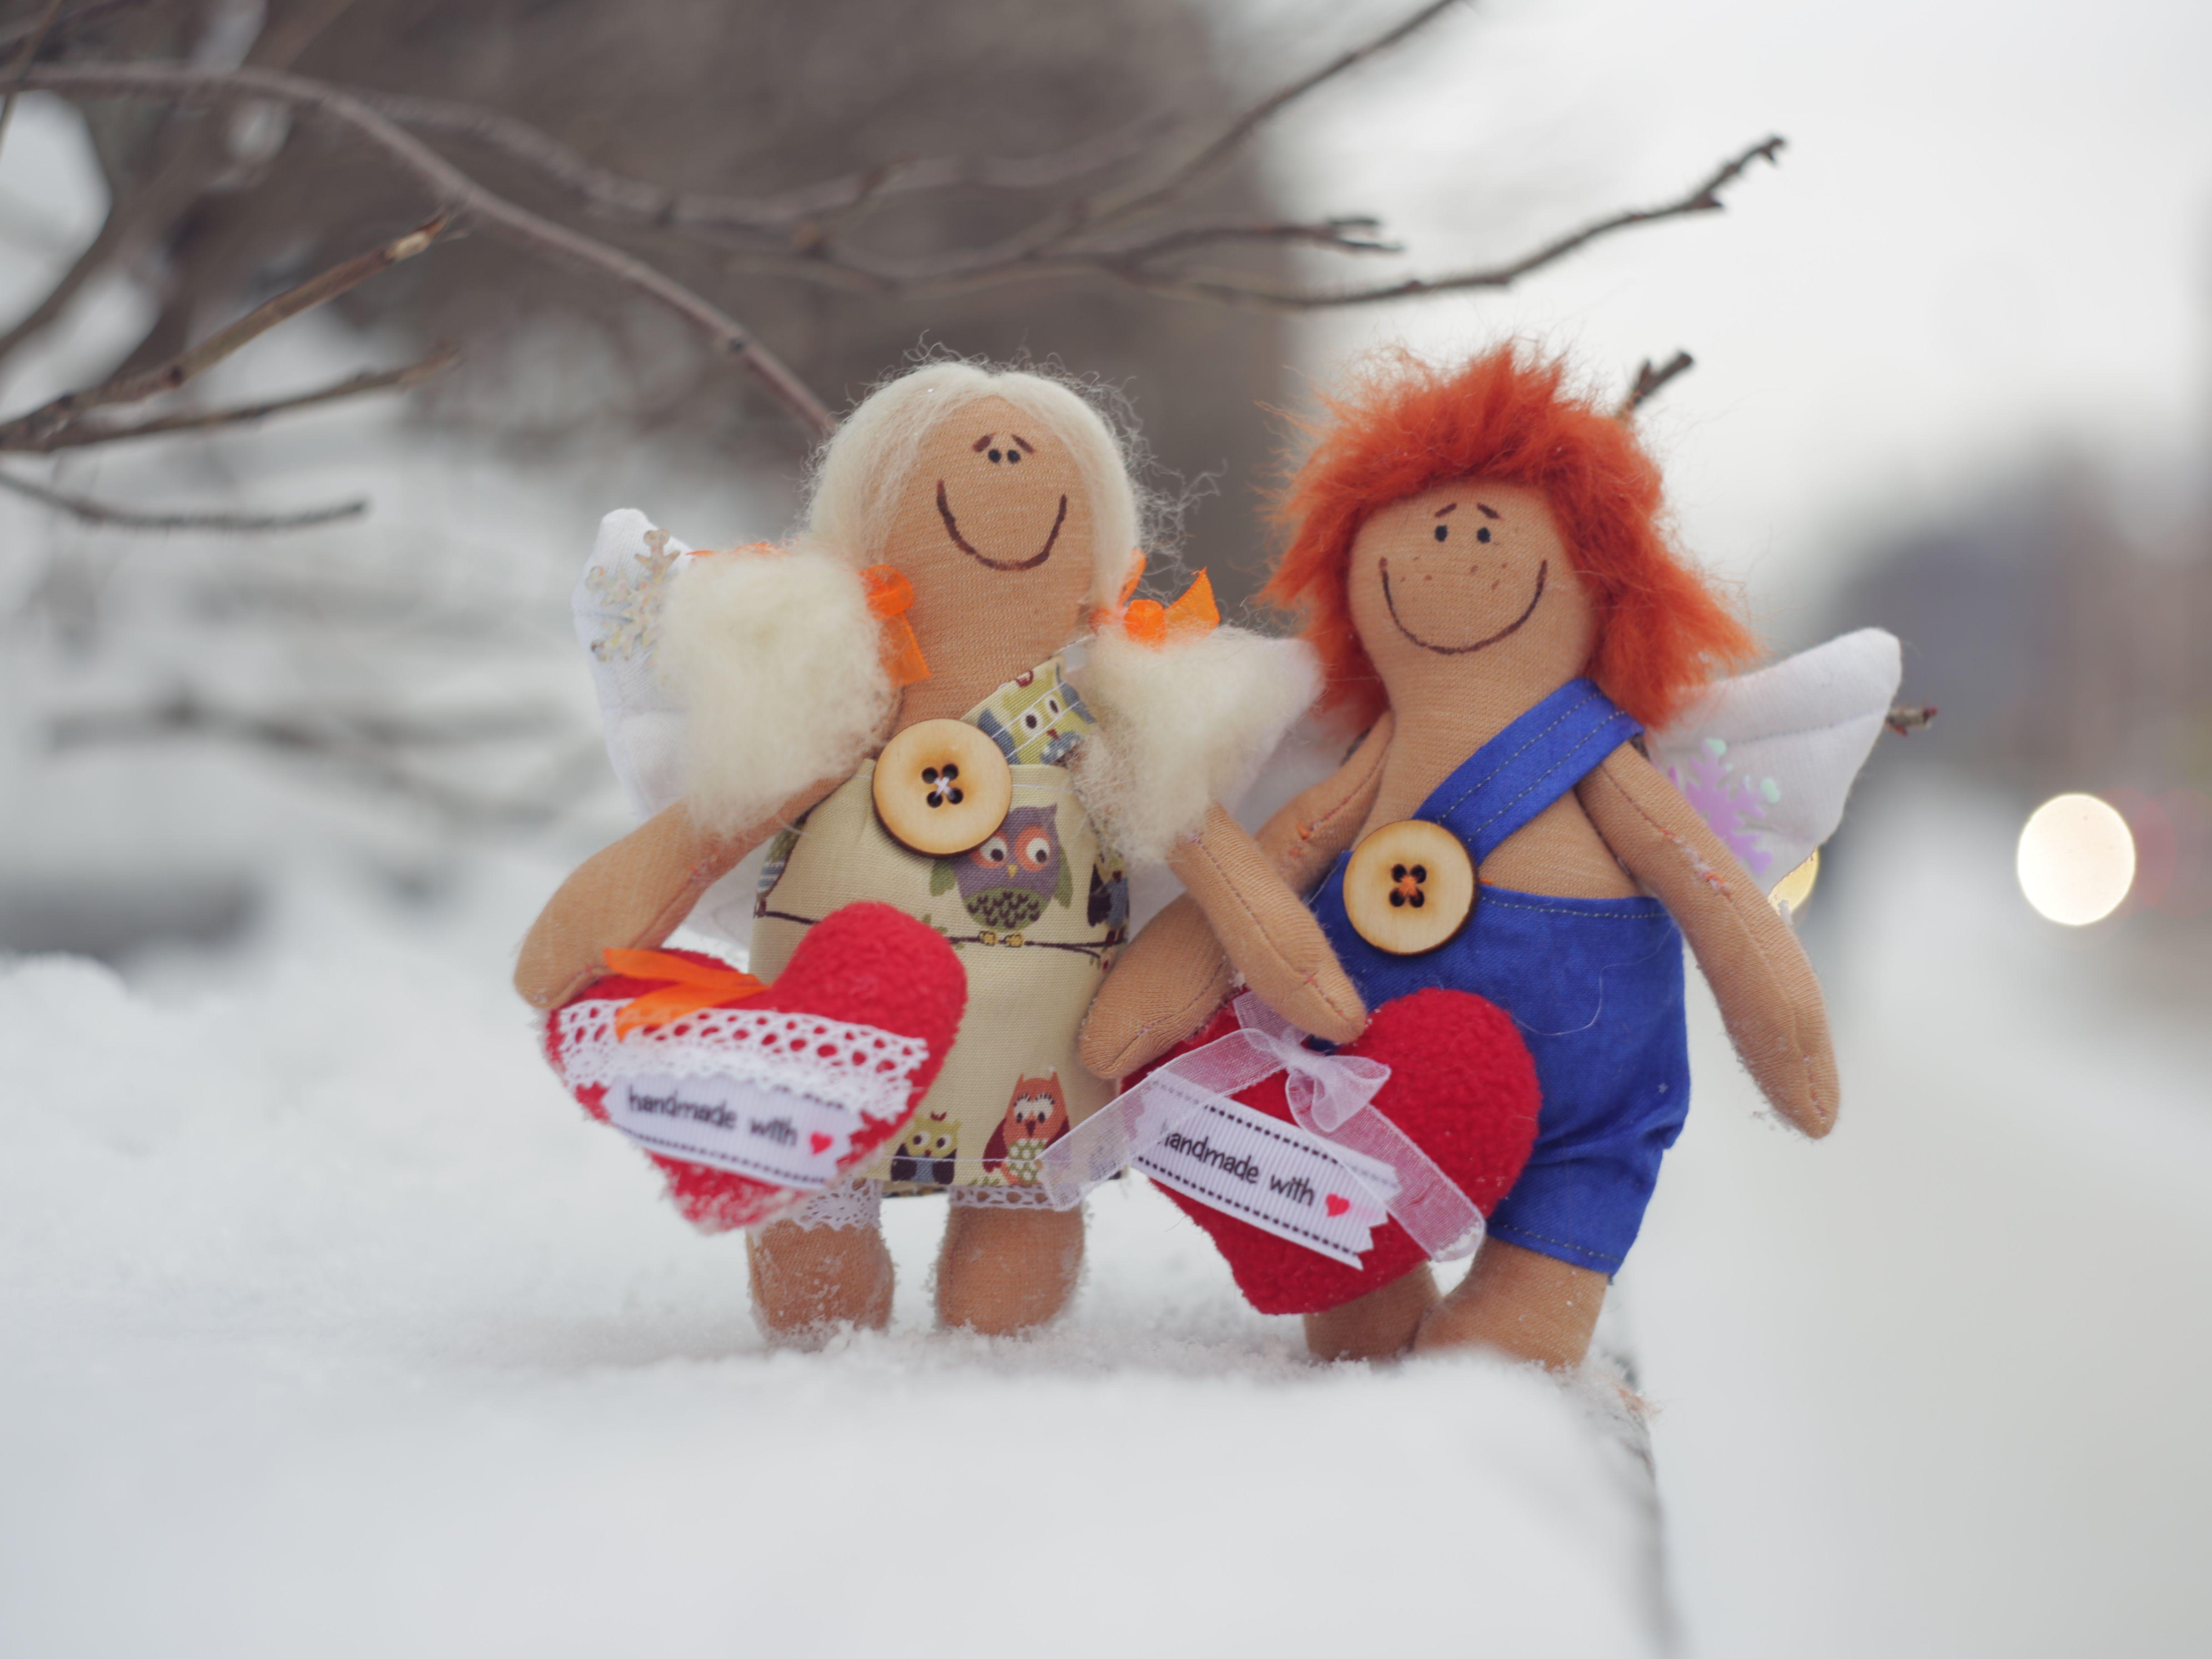 день валентинки святоговалентина деньвлюбленных куклавалентинка валентинчики